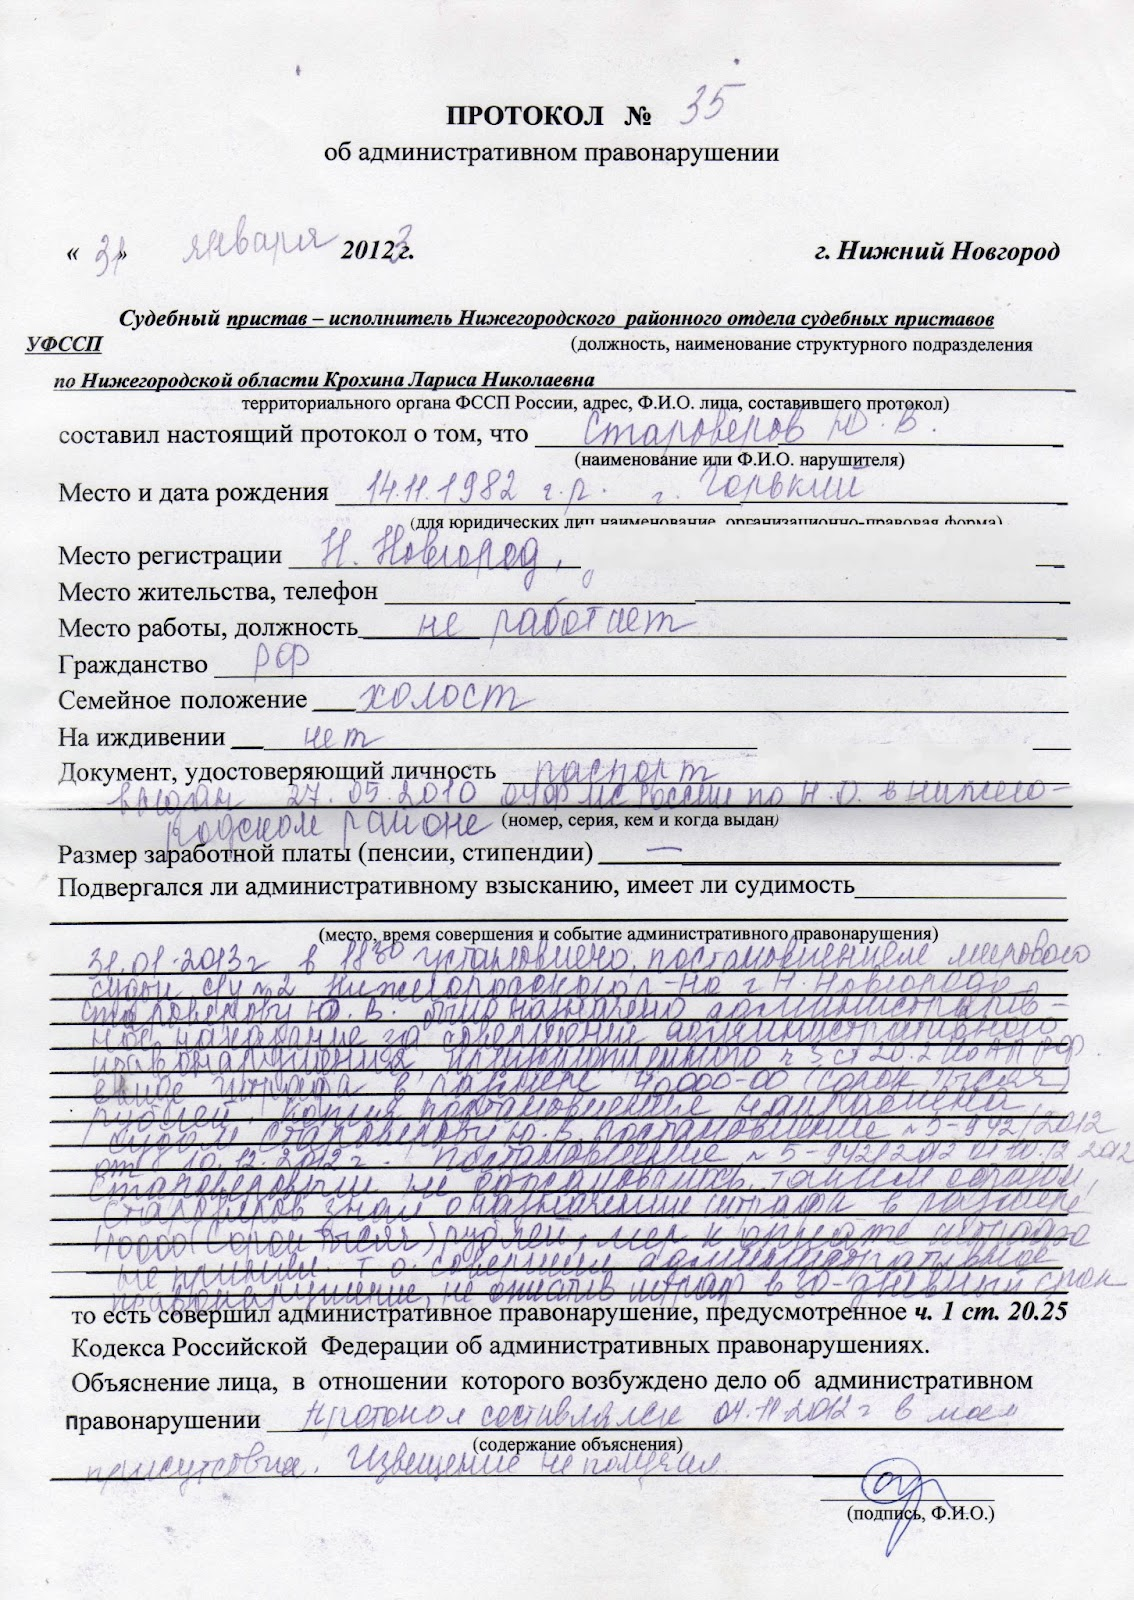 Как оплатить штраф по постановлению об административном правонарушении без номера